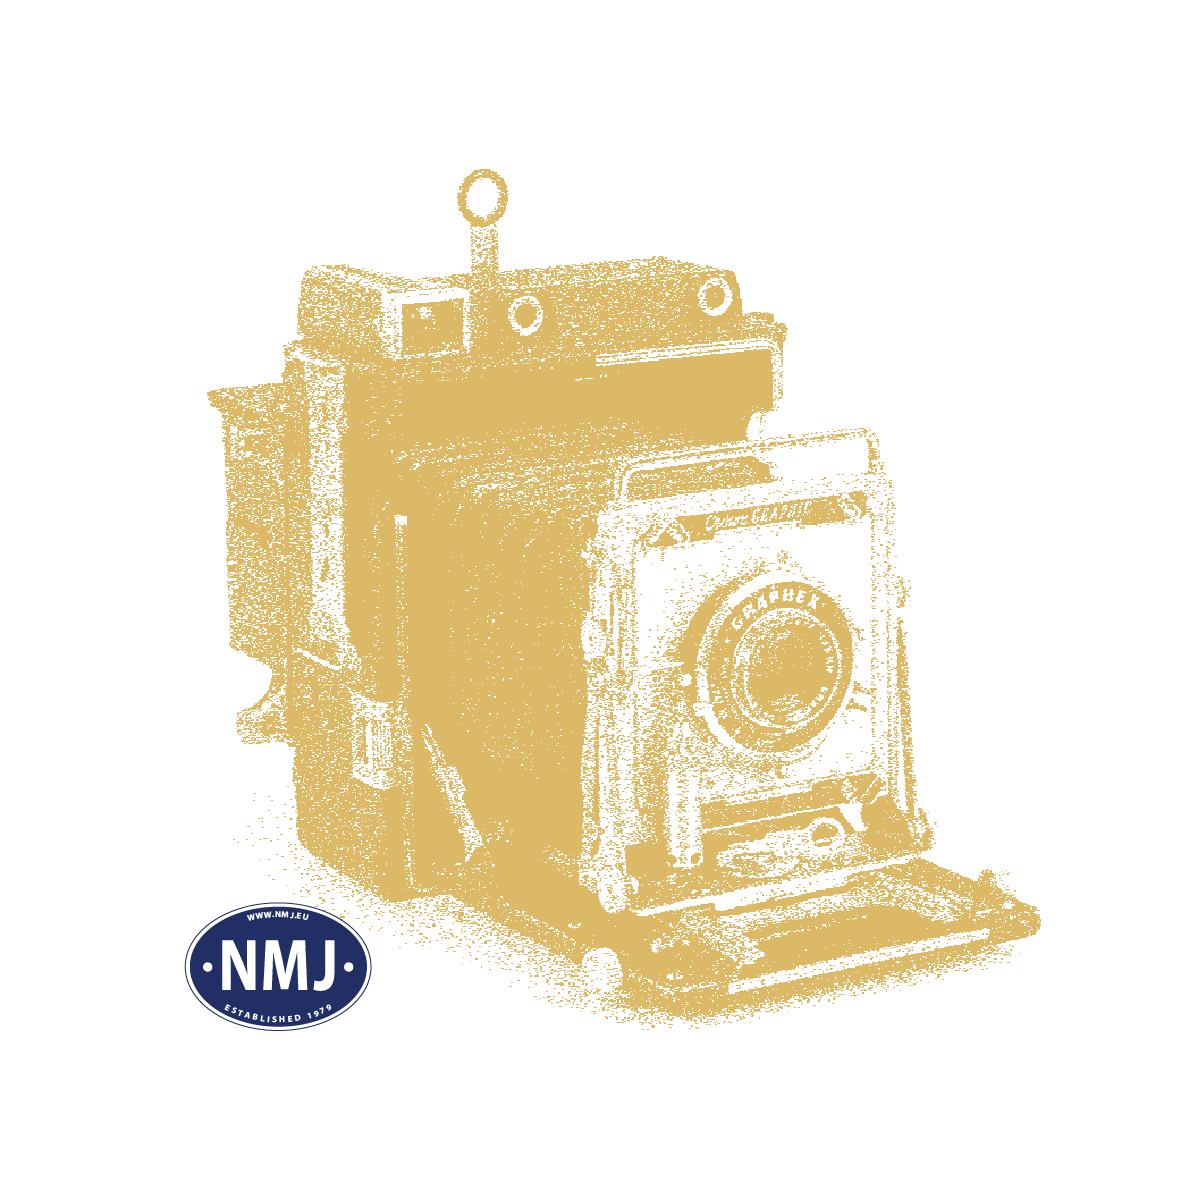 TOM02070403 - Micro Lysdiode m/print og loddepunkter, Grønn